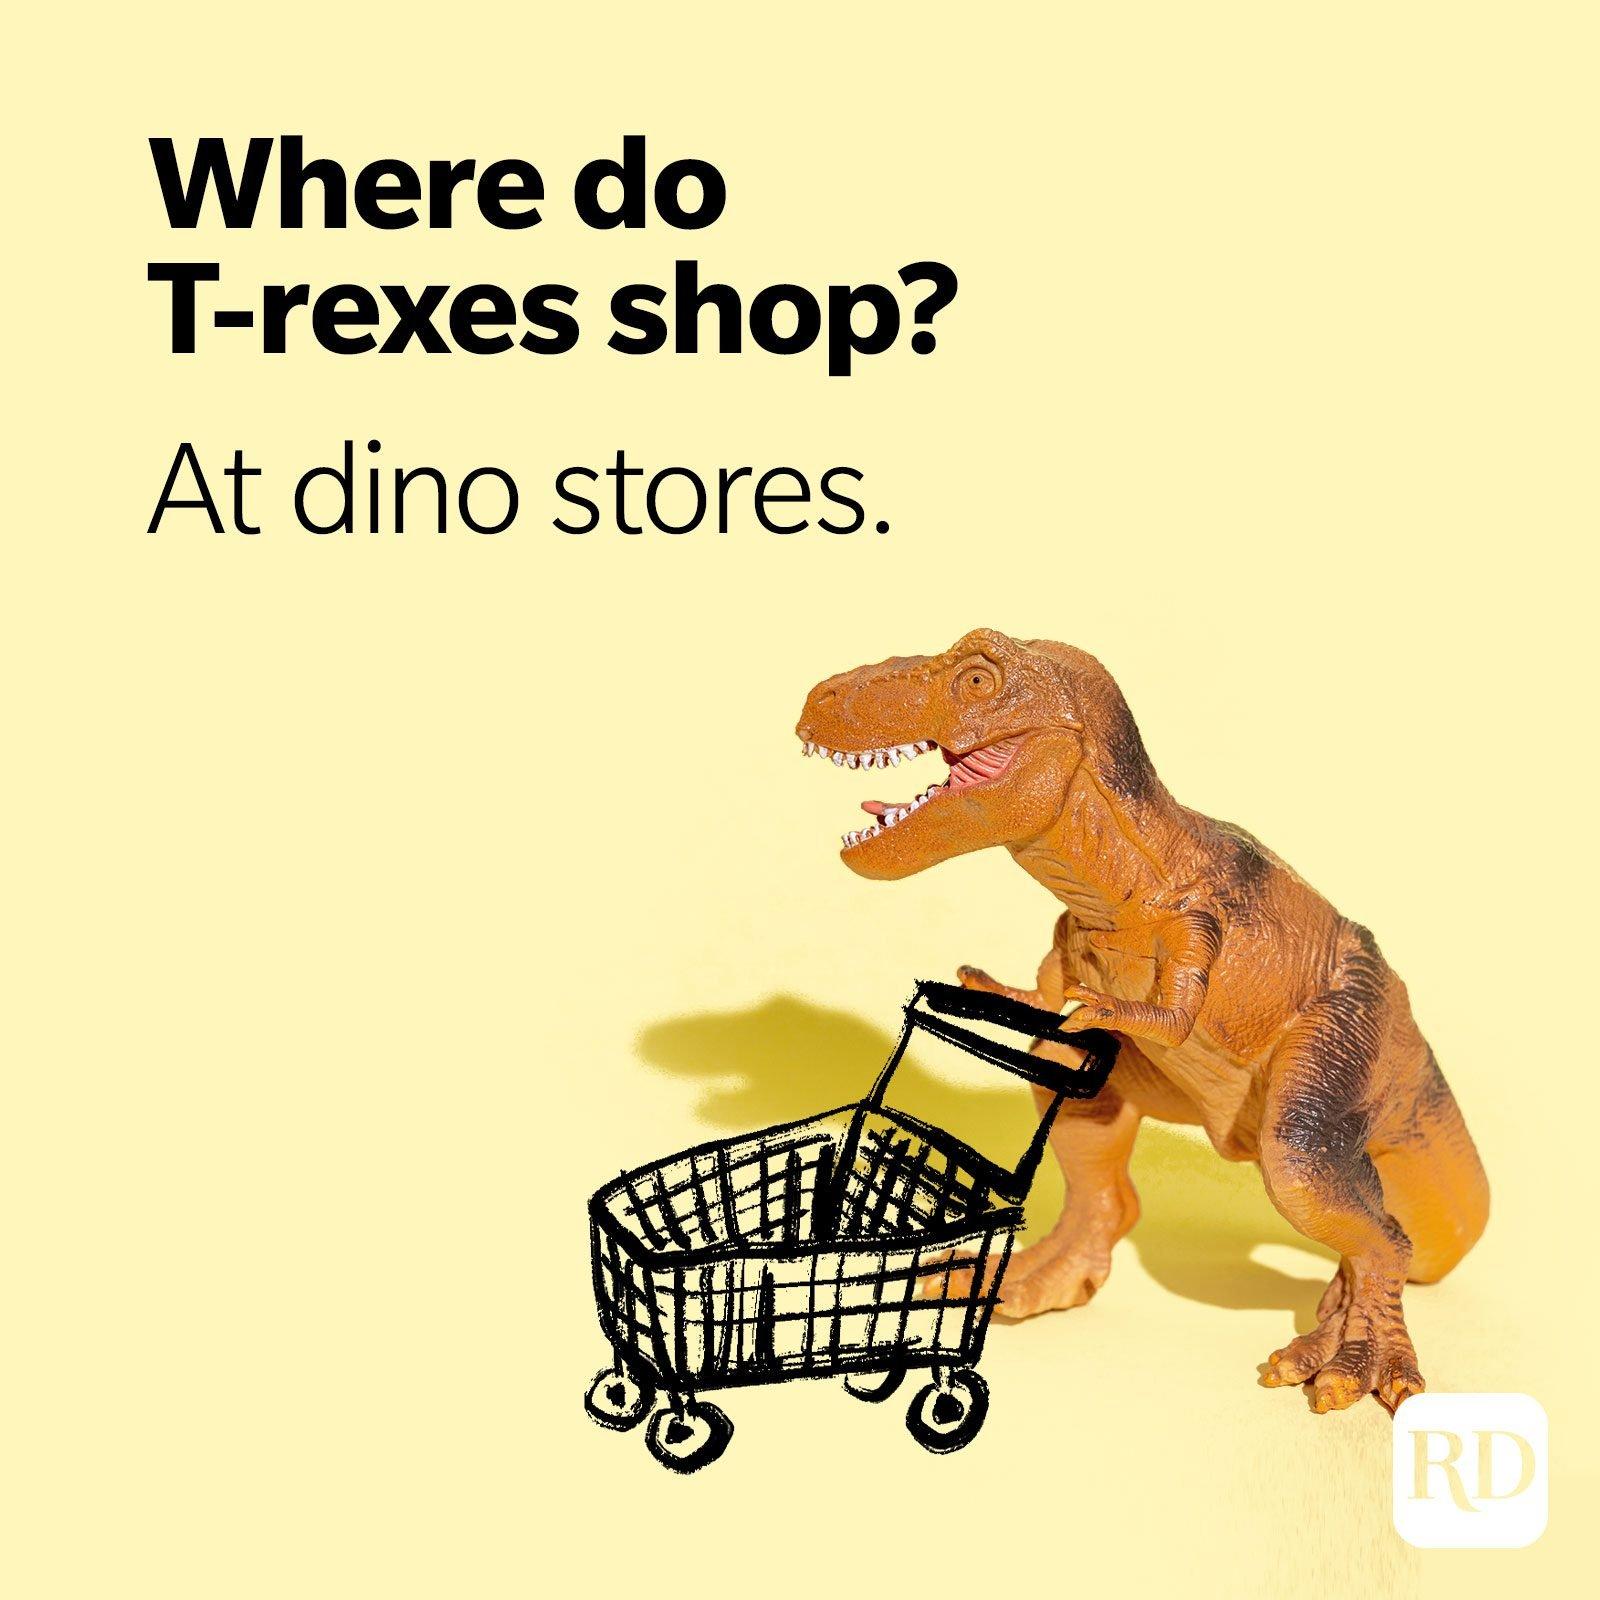 6. Where do T-rexes shop? At dino stores.